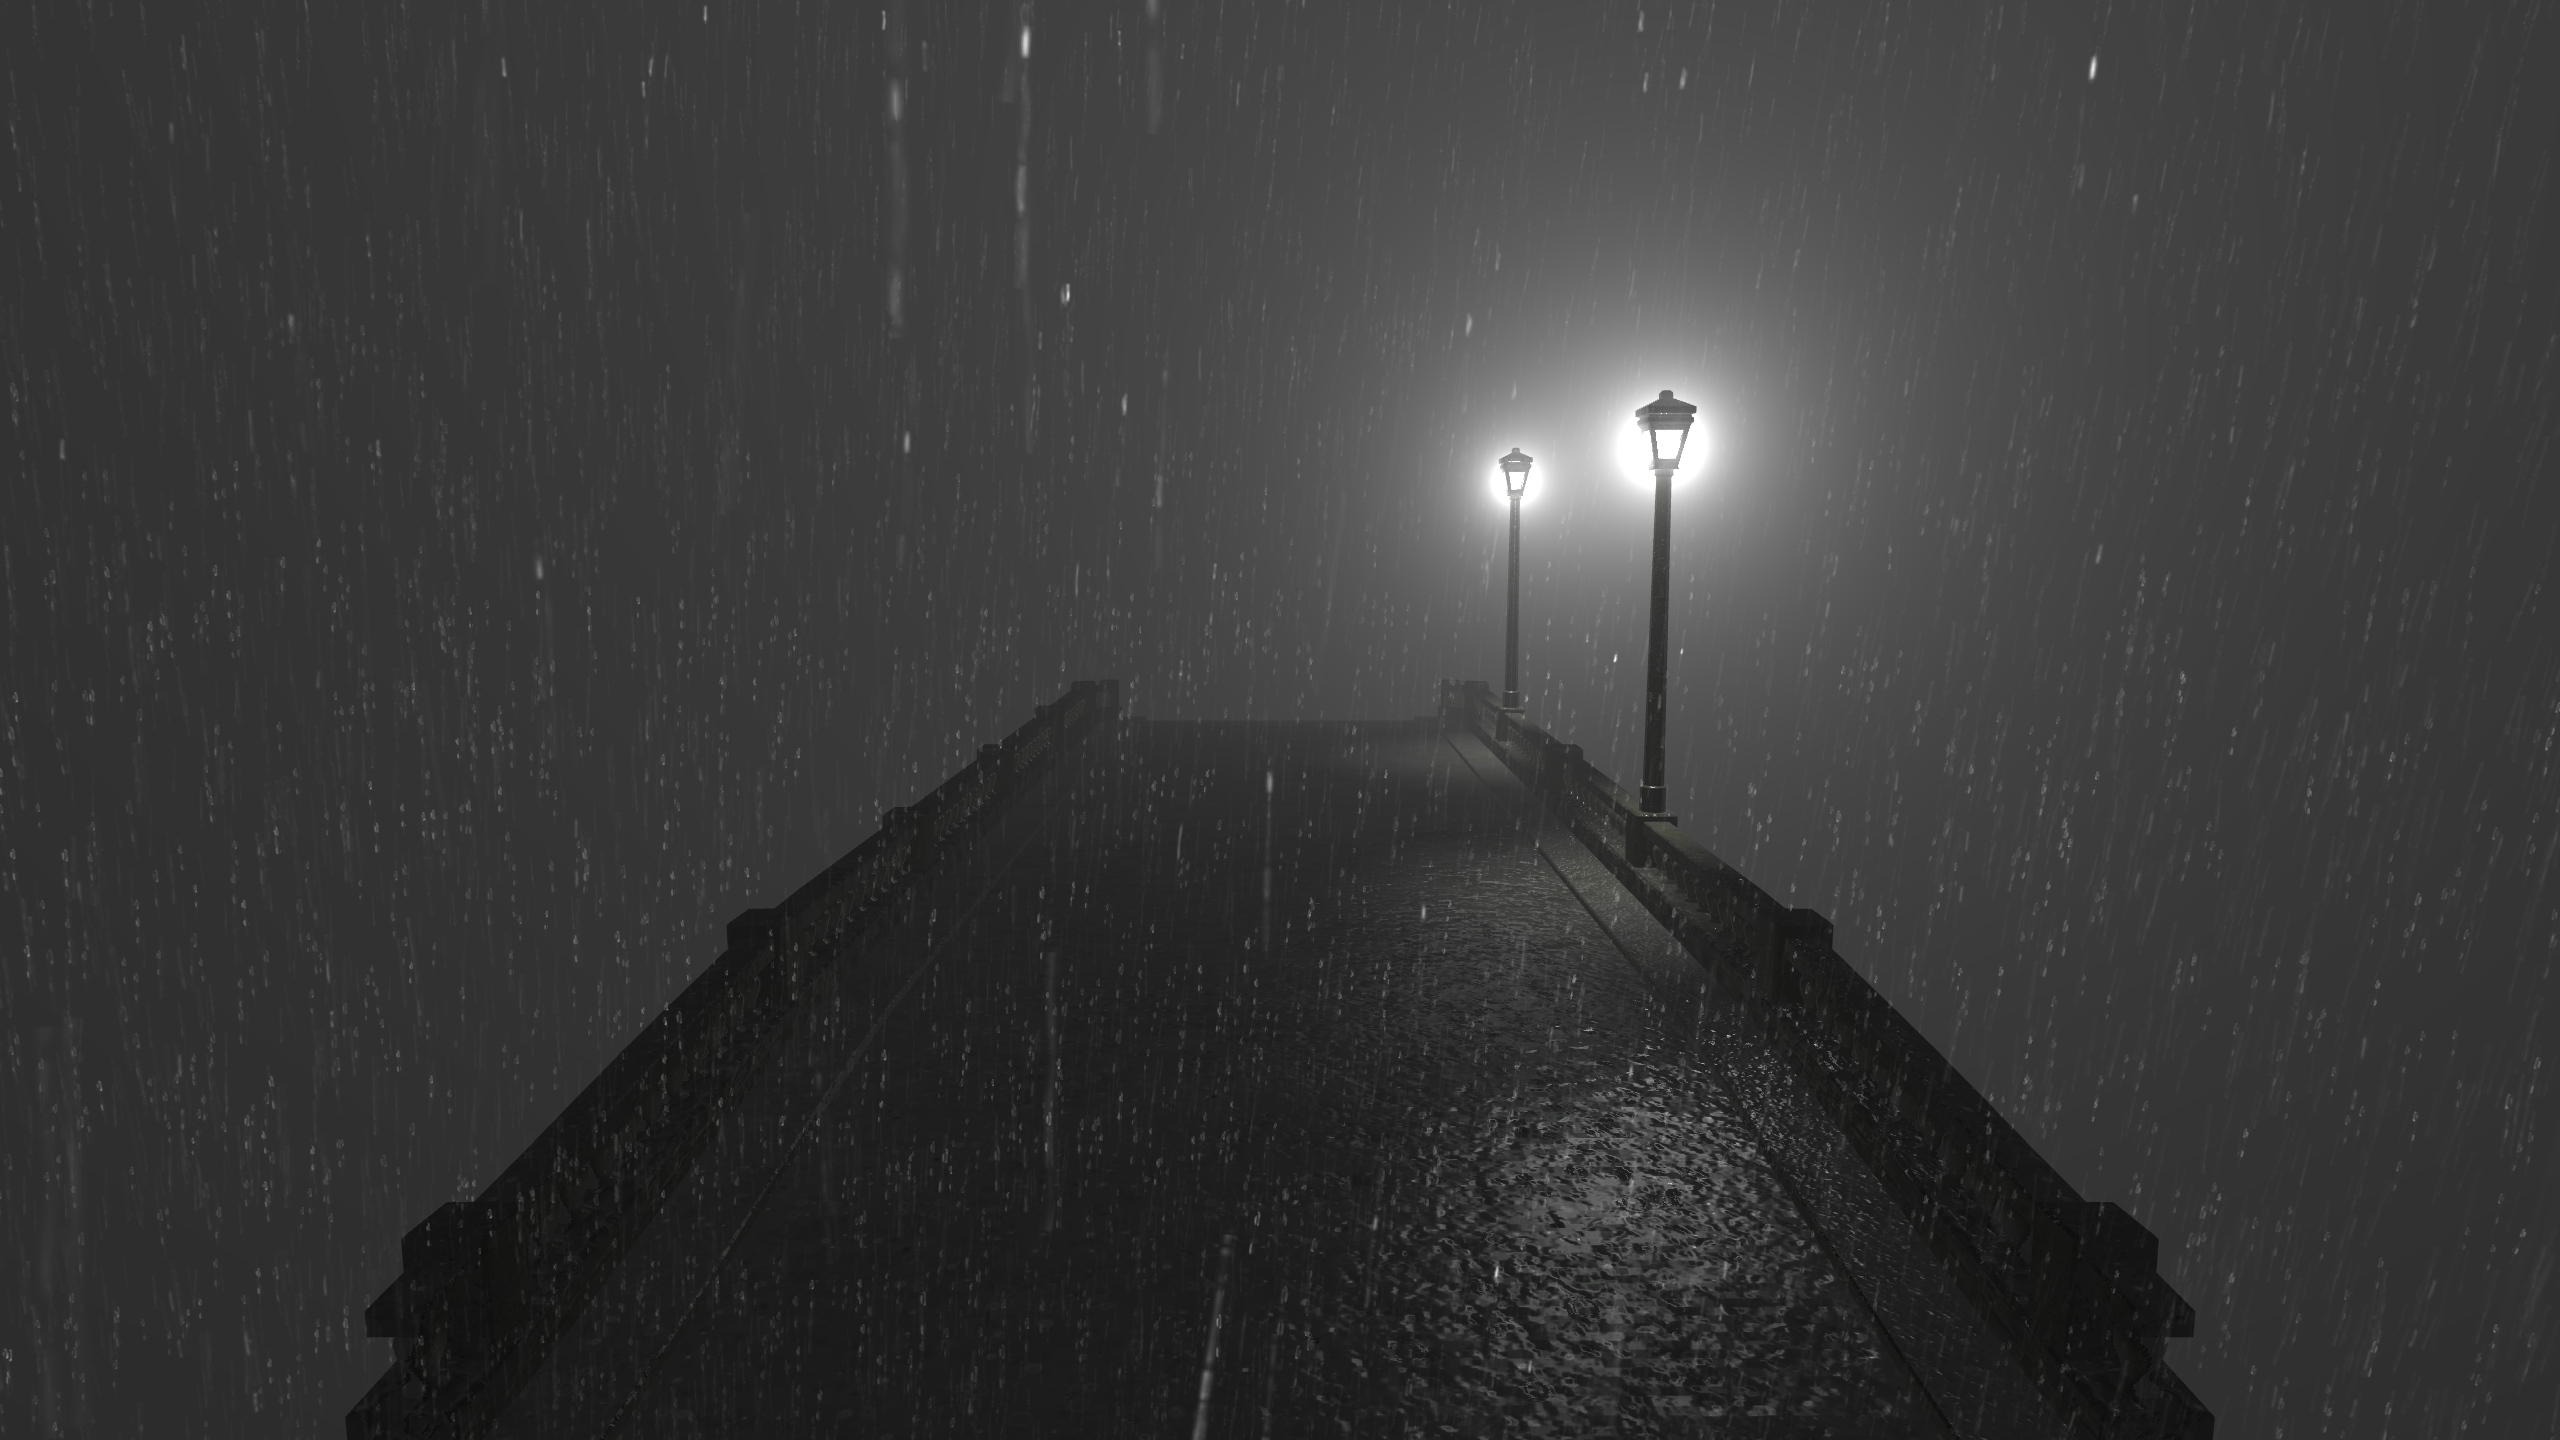 用Unity实现逼真的雨和带散射的雾的效果(二)